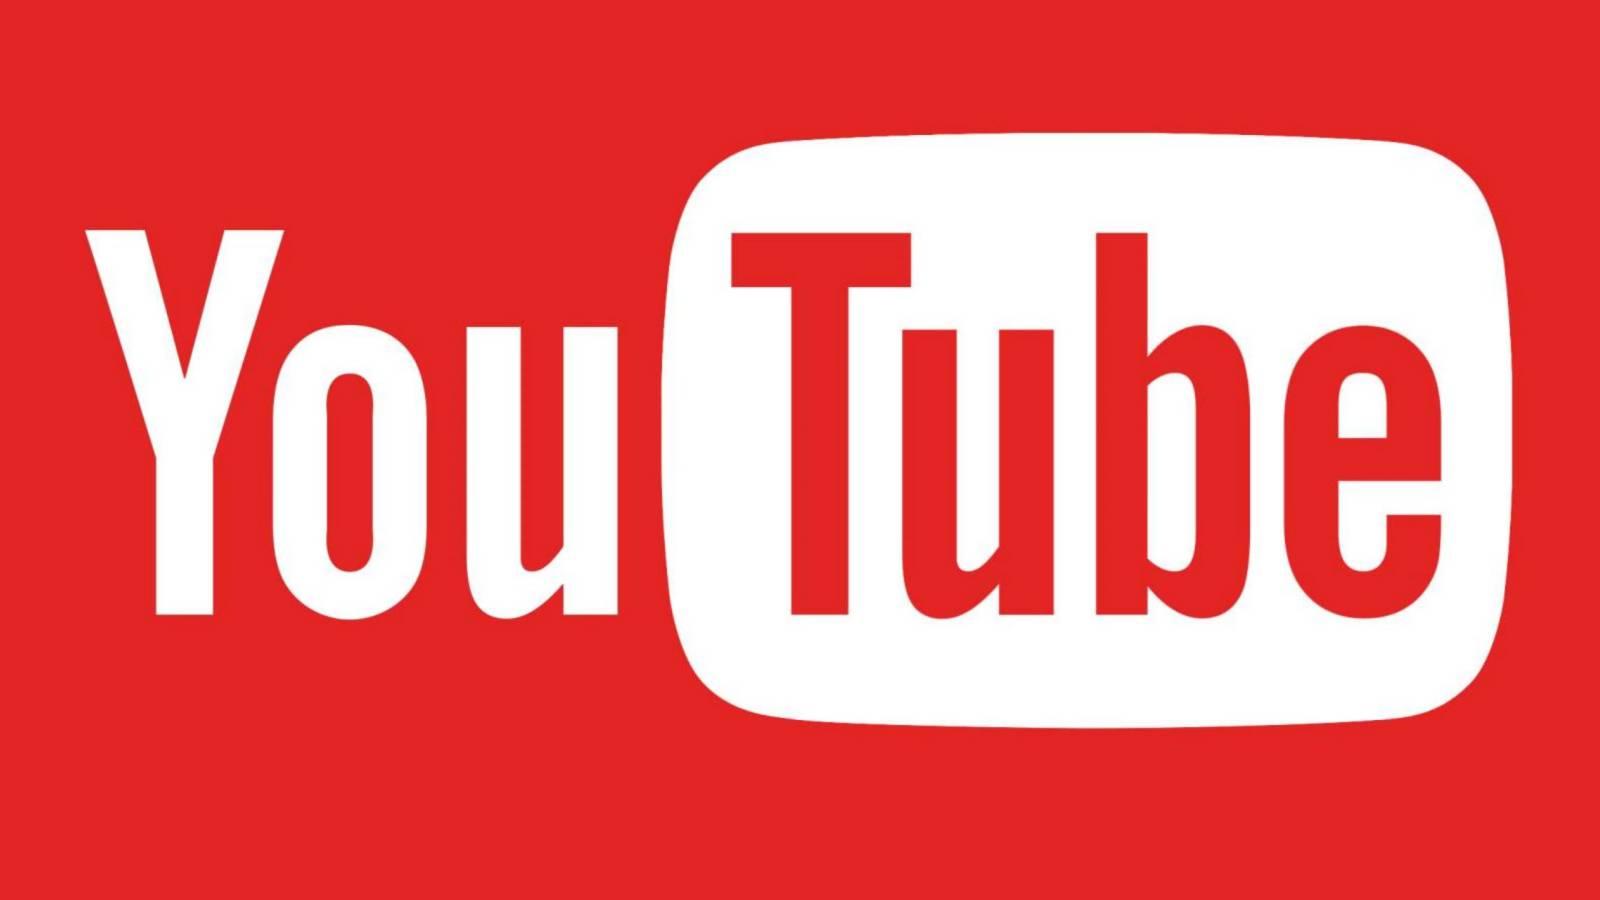 YouTube Actualizare Noua, ce Schimbari aduce pentru Telefoane